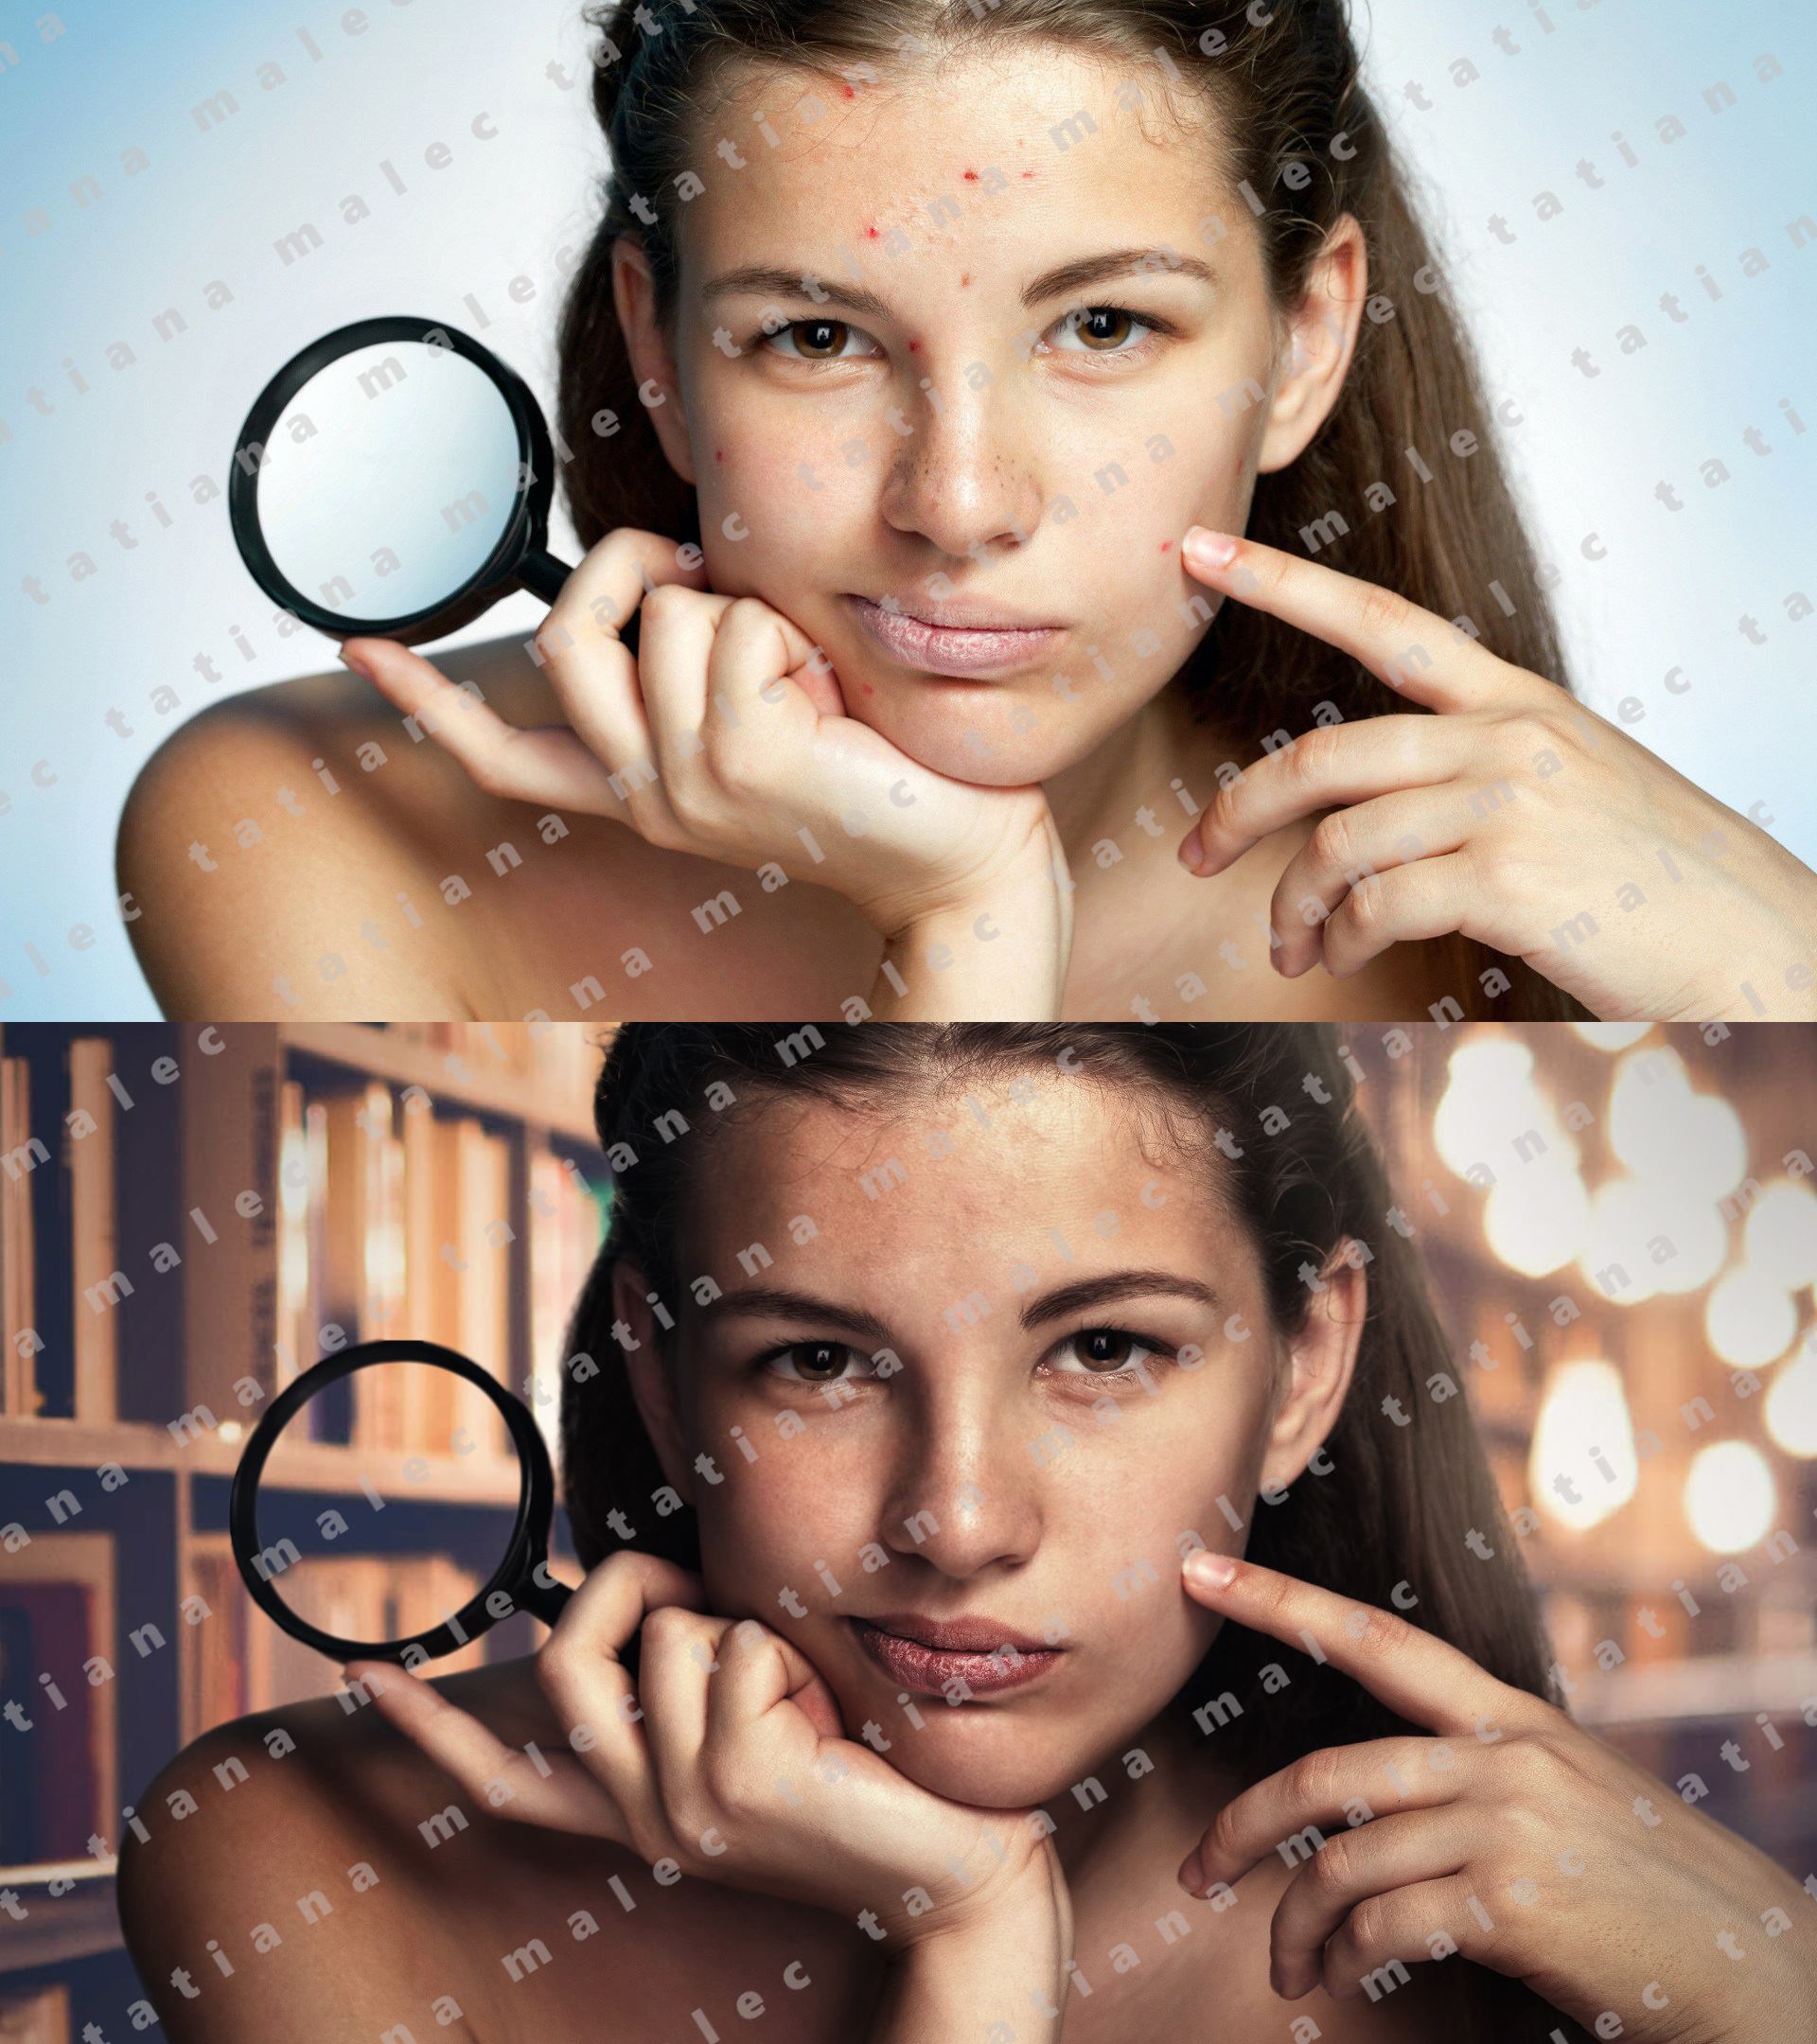 фоторедактор для удаления дефектов кожи кому-то